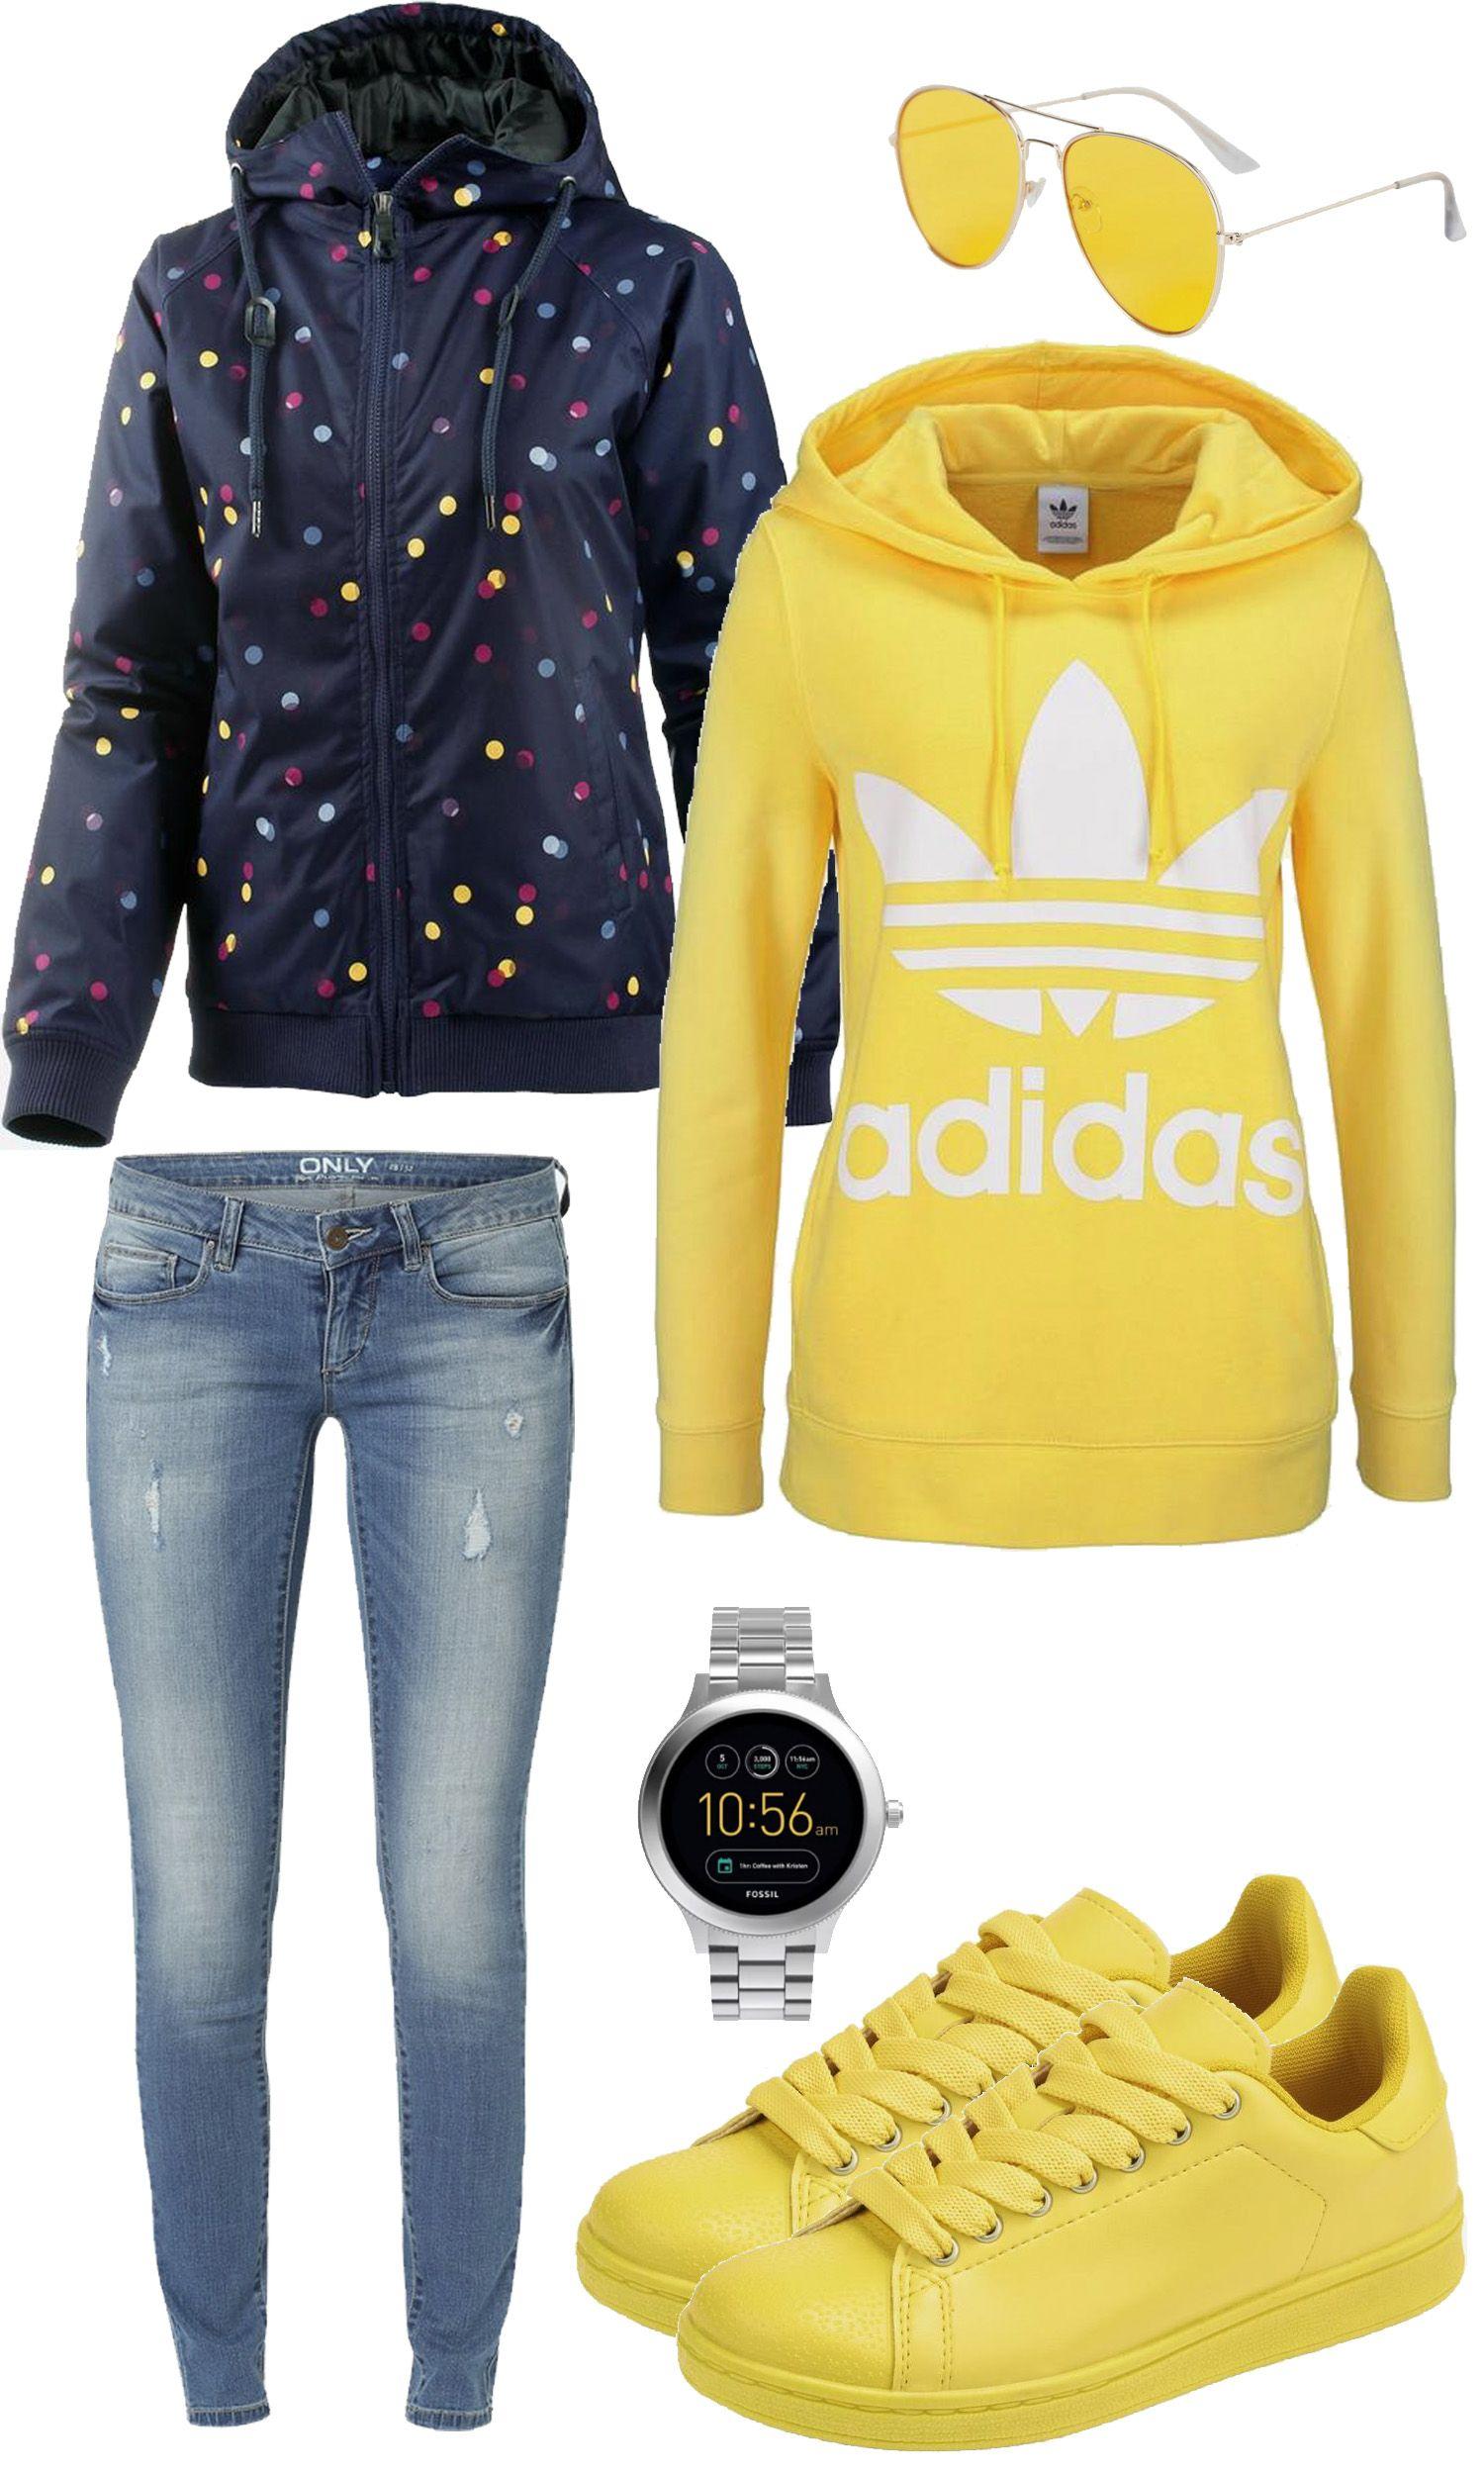 Sweatshirtadidas Mit Toller Look Coolen Adidas 3q54LAjcR